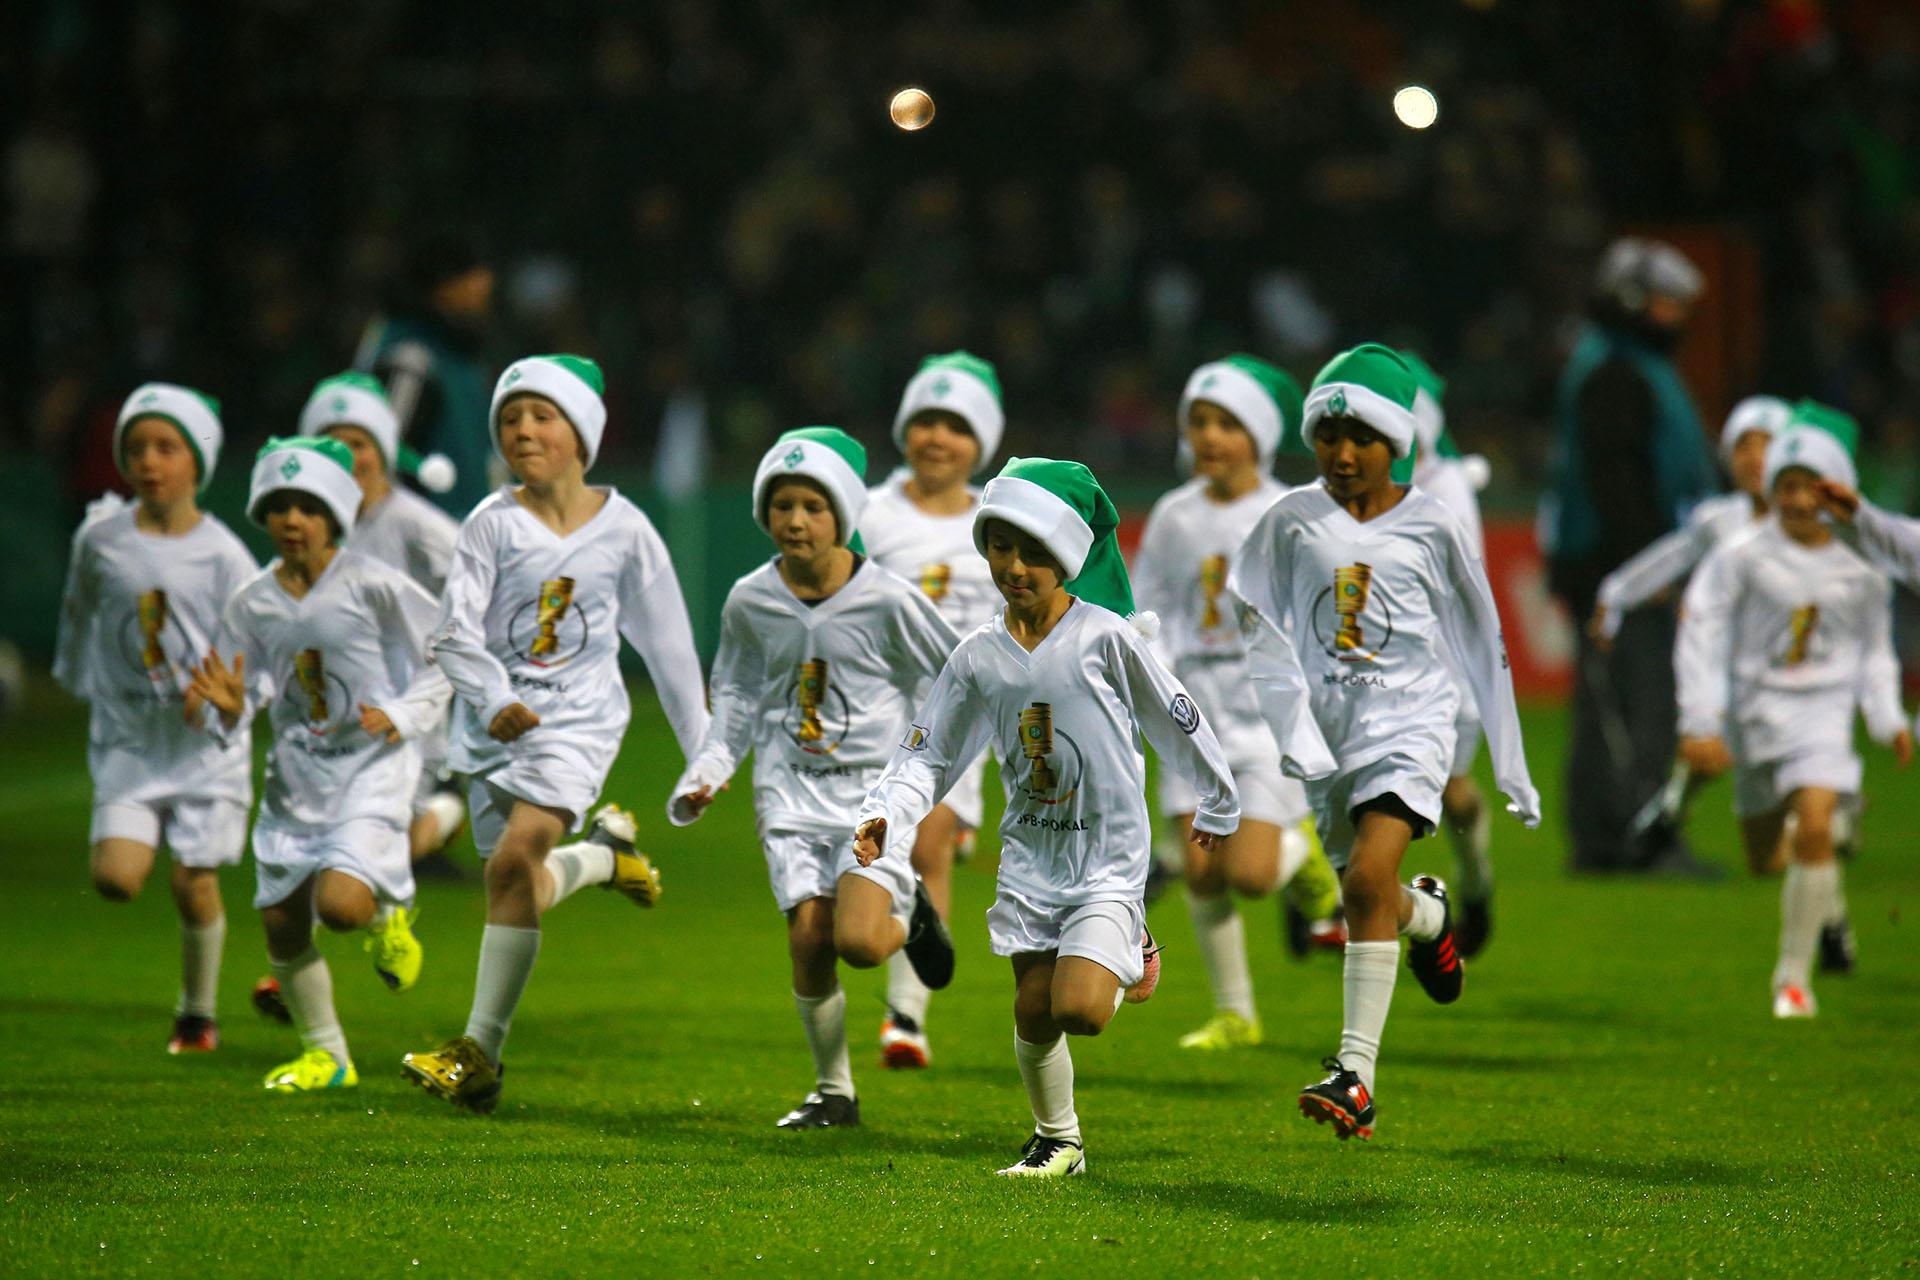 Un torneo de fútbol juvenil enBremen,Alemania, el 20 de diciembre de 2017.(Reuters)